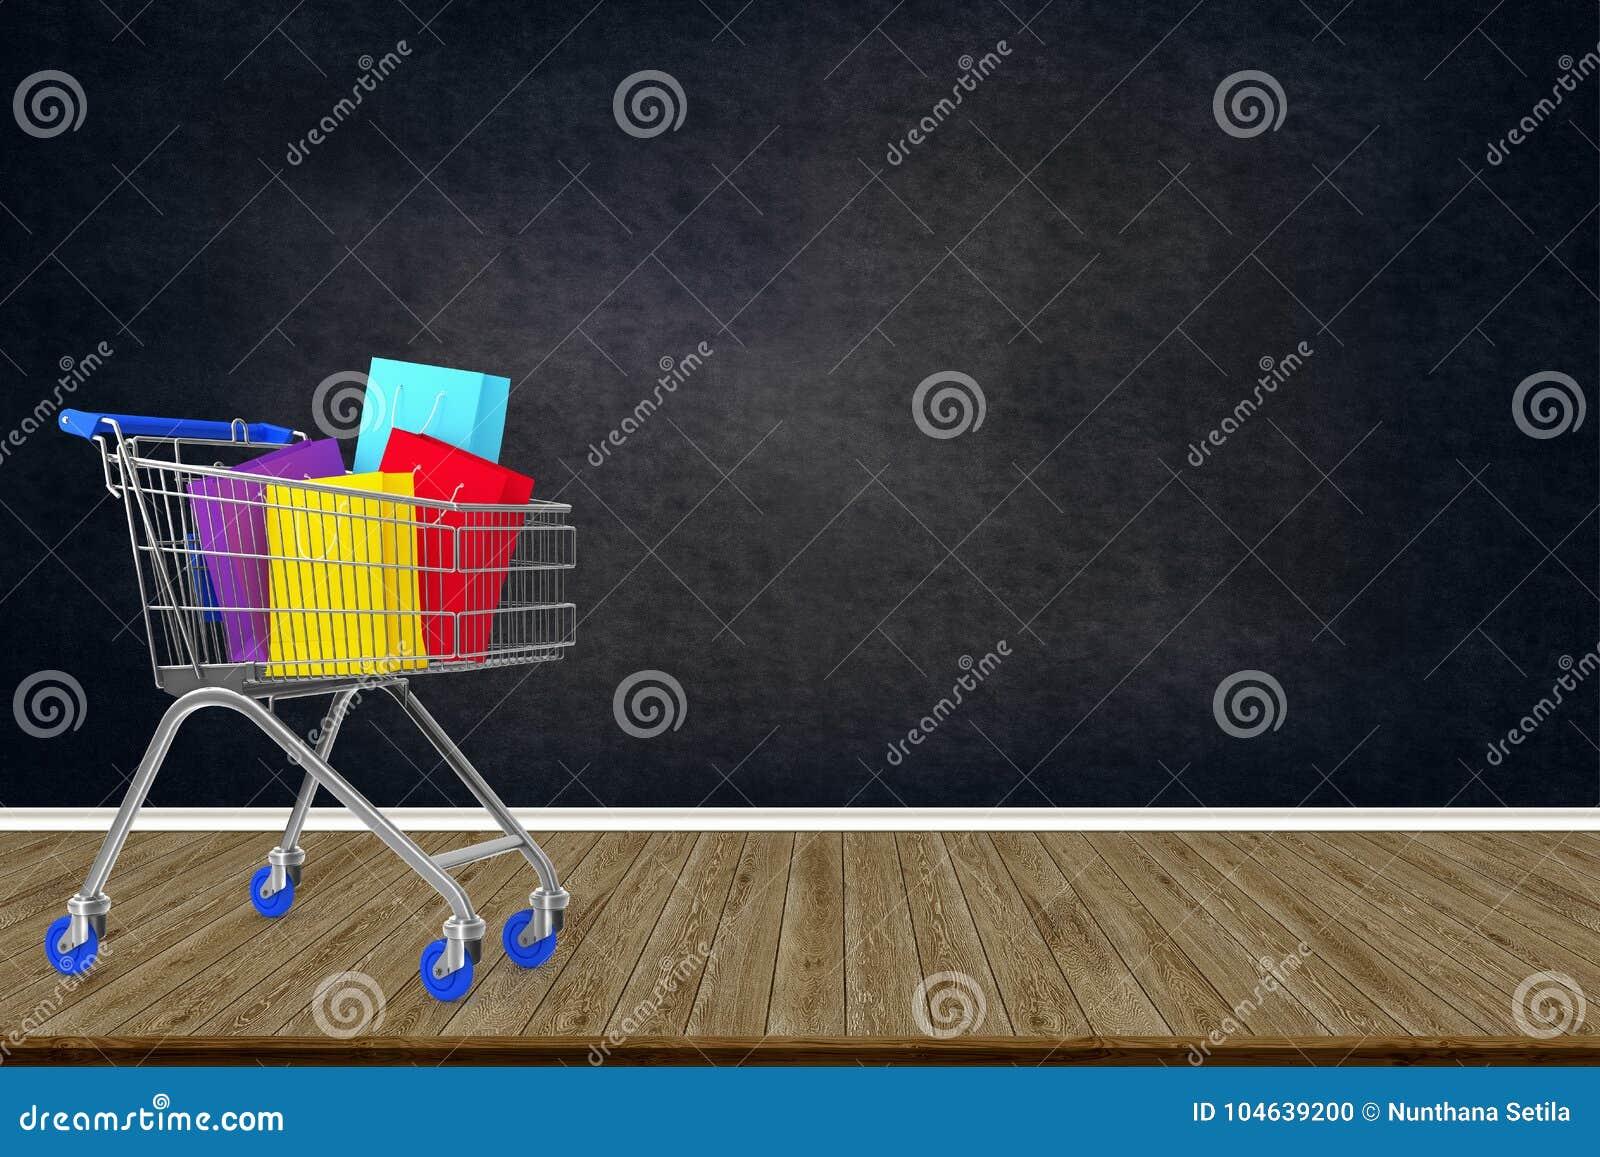 Download Kleurrijke Document Het Winkelen Zakken In Boodschappenwagentje Op Houten Vloer Met Stock Illustratie - Illustratie bestaande uit zakken, klant: 104639200